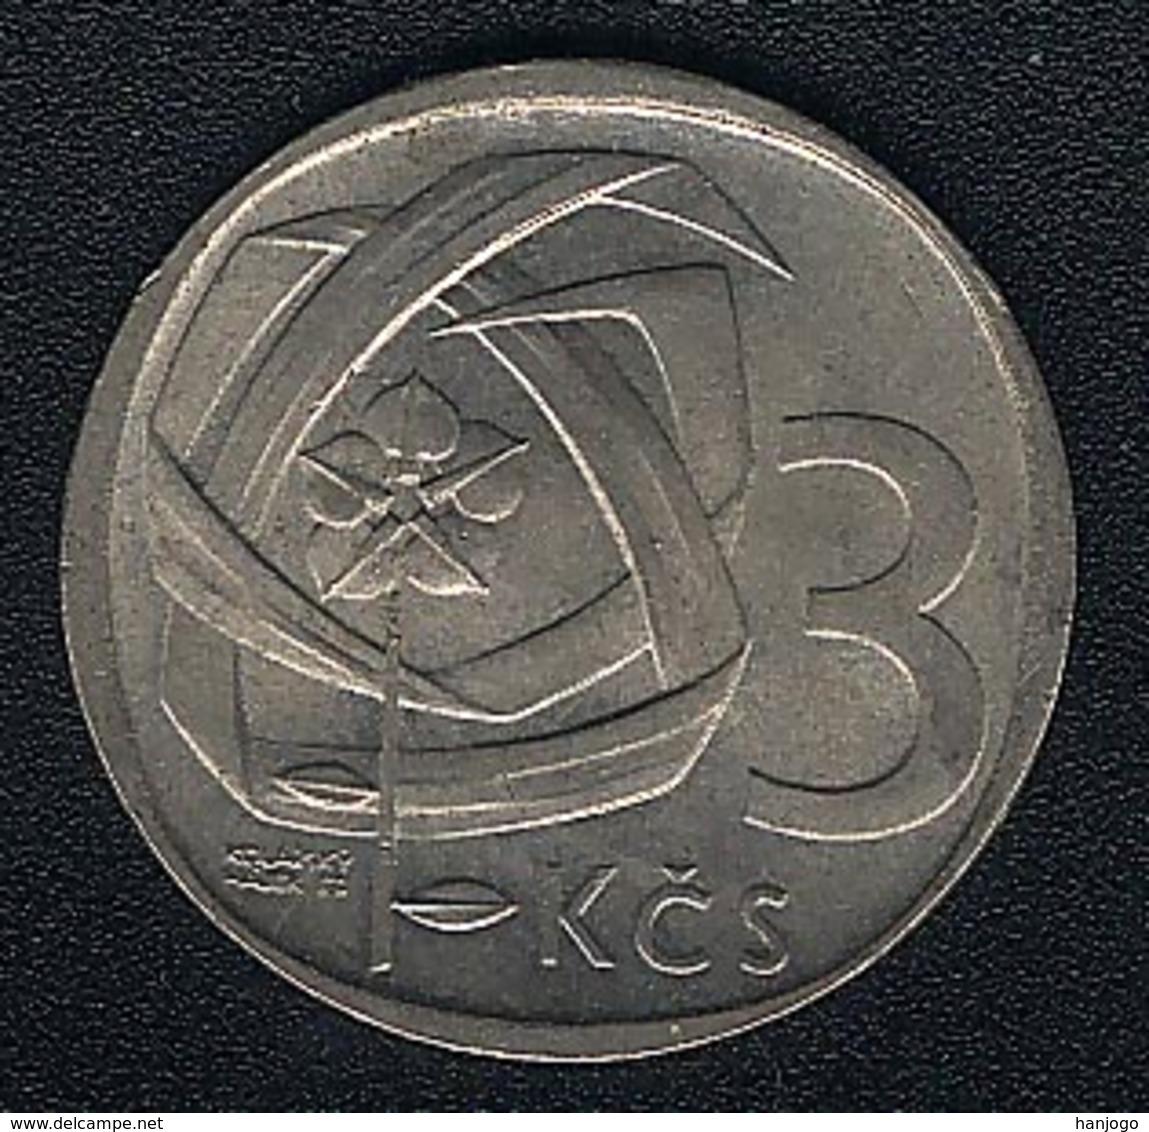 Tschechoslowakei, 3 Korun 1969, XF - Tschechoslowakei